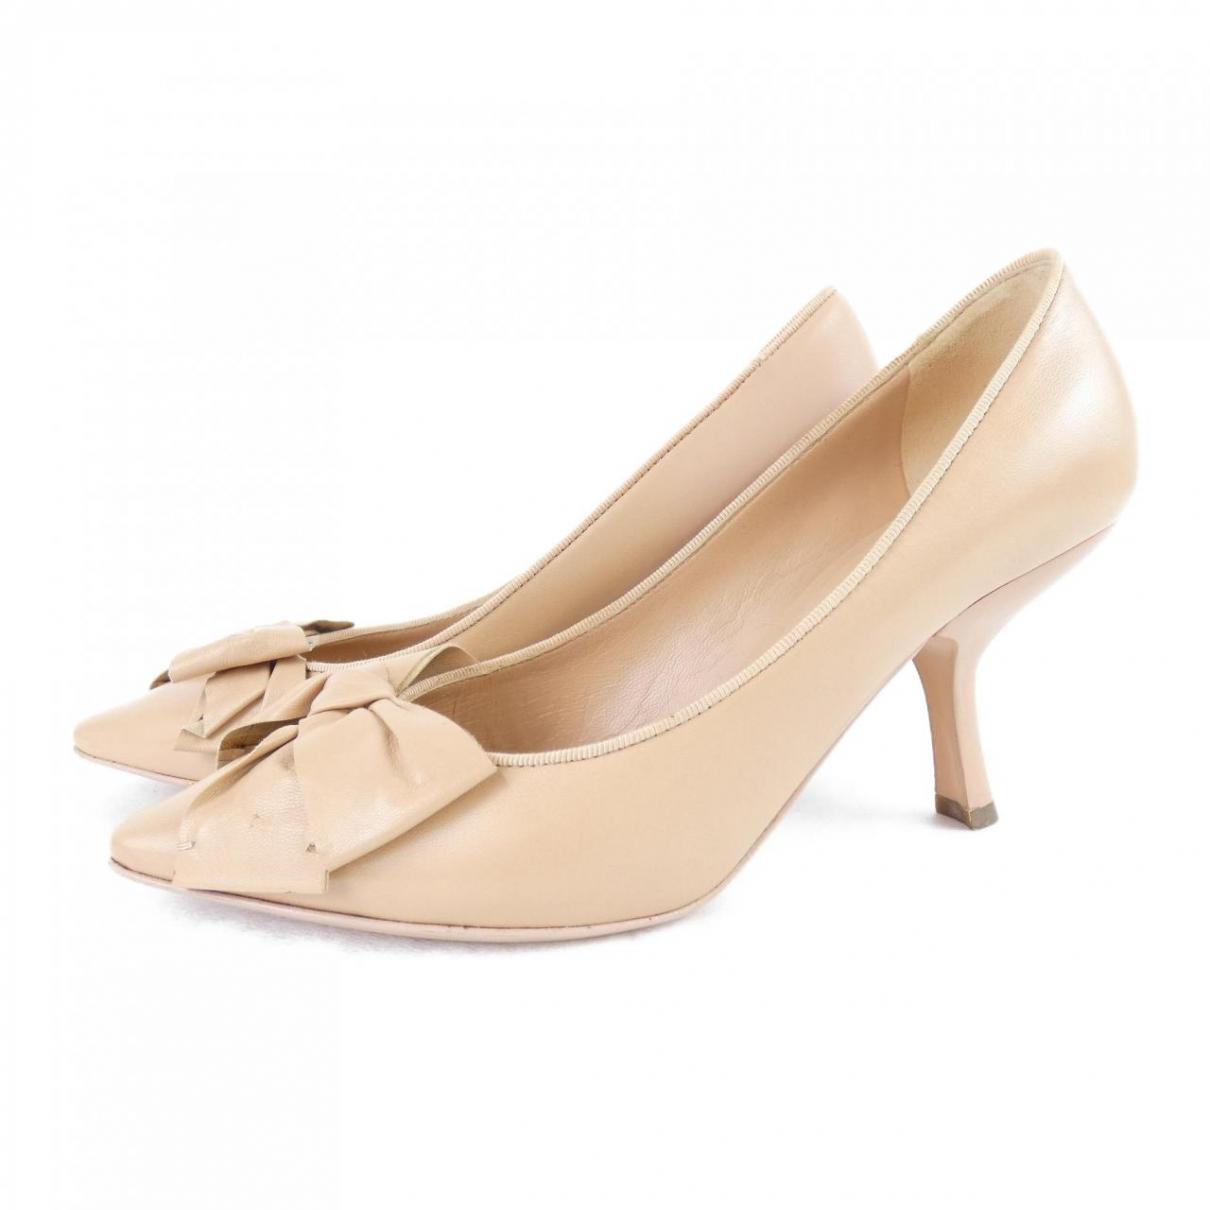 Bottega Veneta \N Beige Leather Heels for Women 36 EU